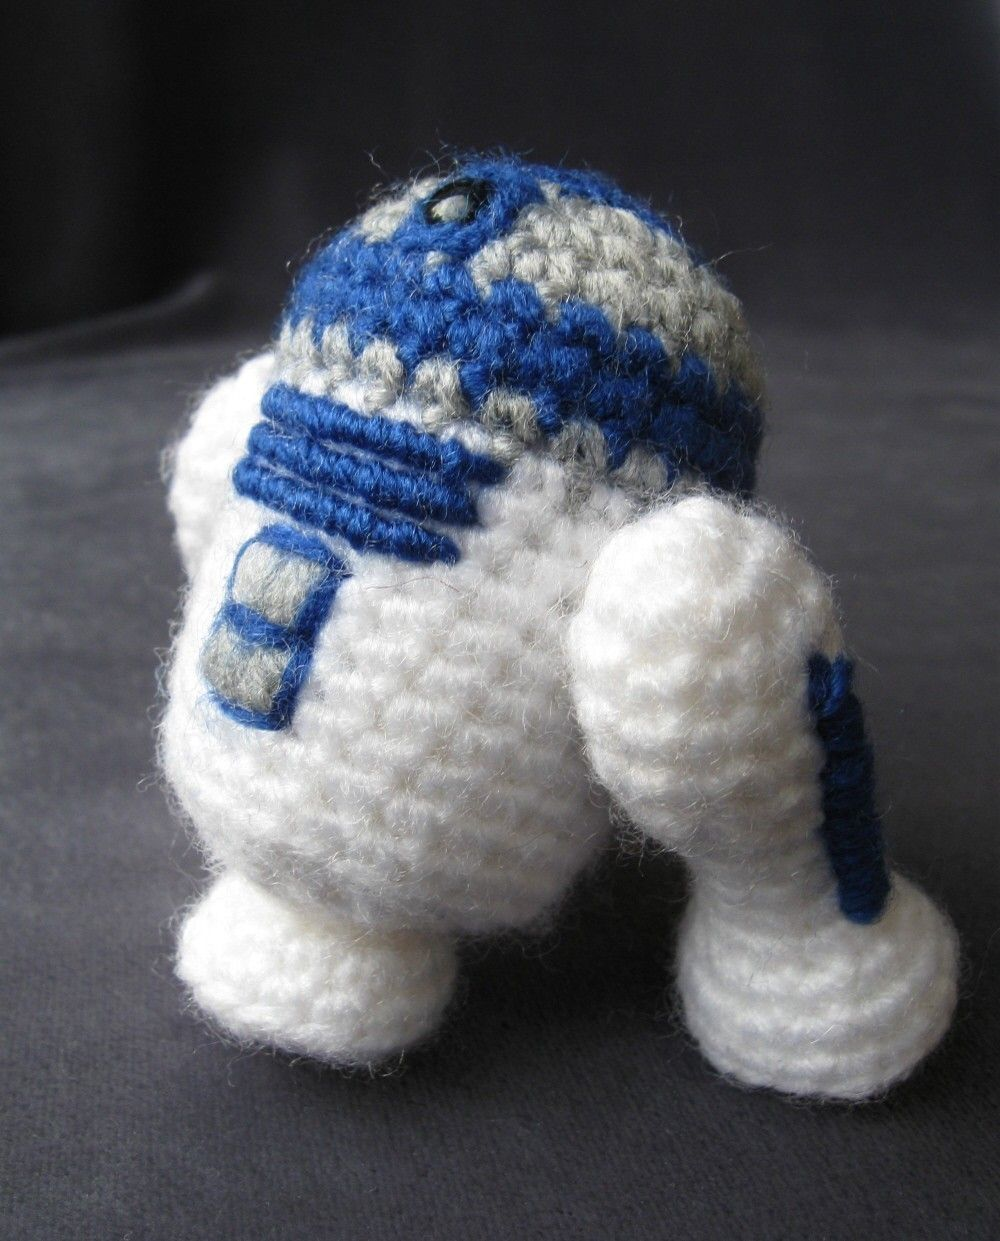 Crochet R2 D2 Star Wars Mini Amigurumi Pattern Yarn Crafts